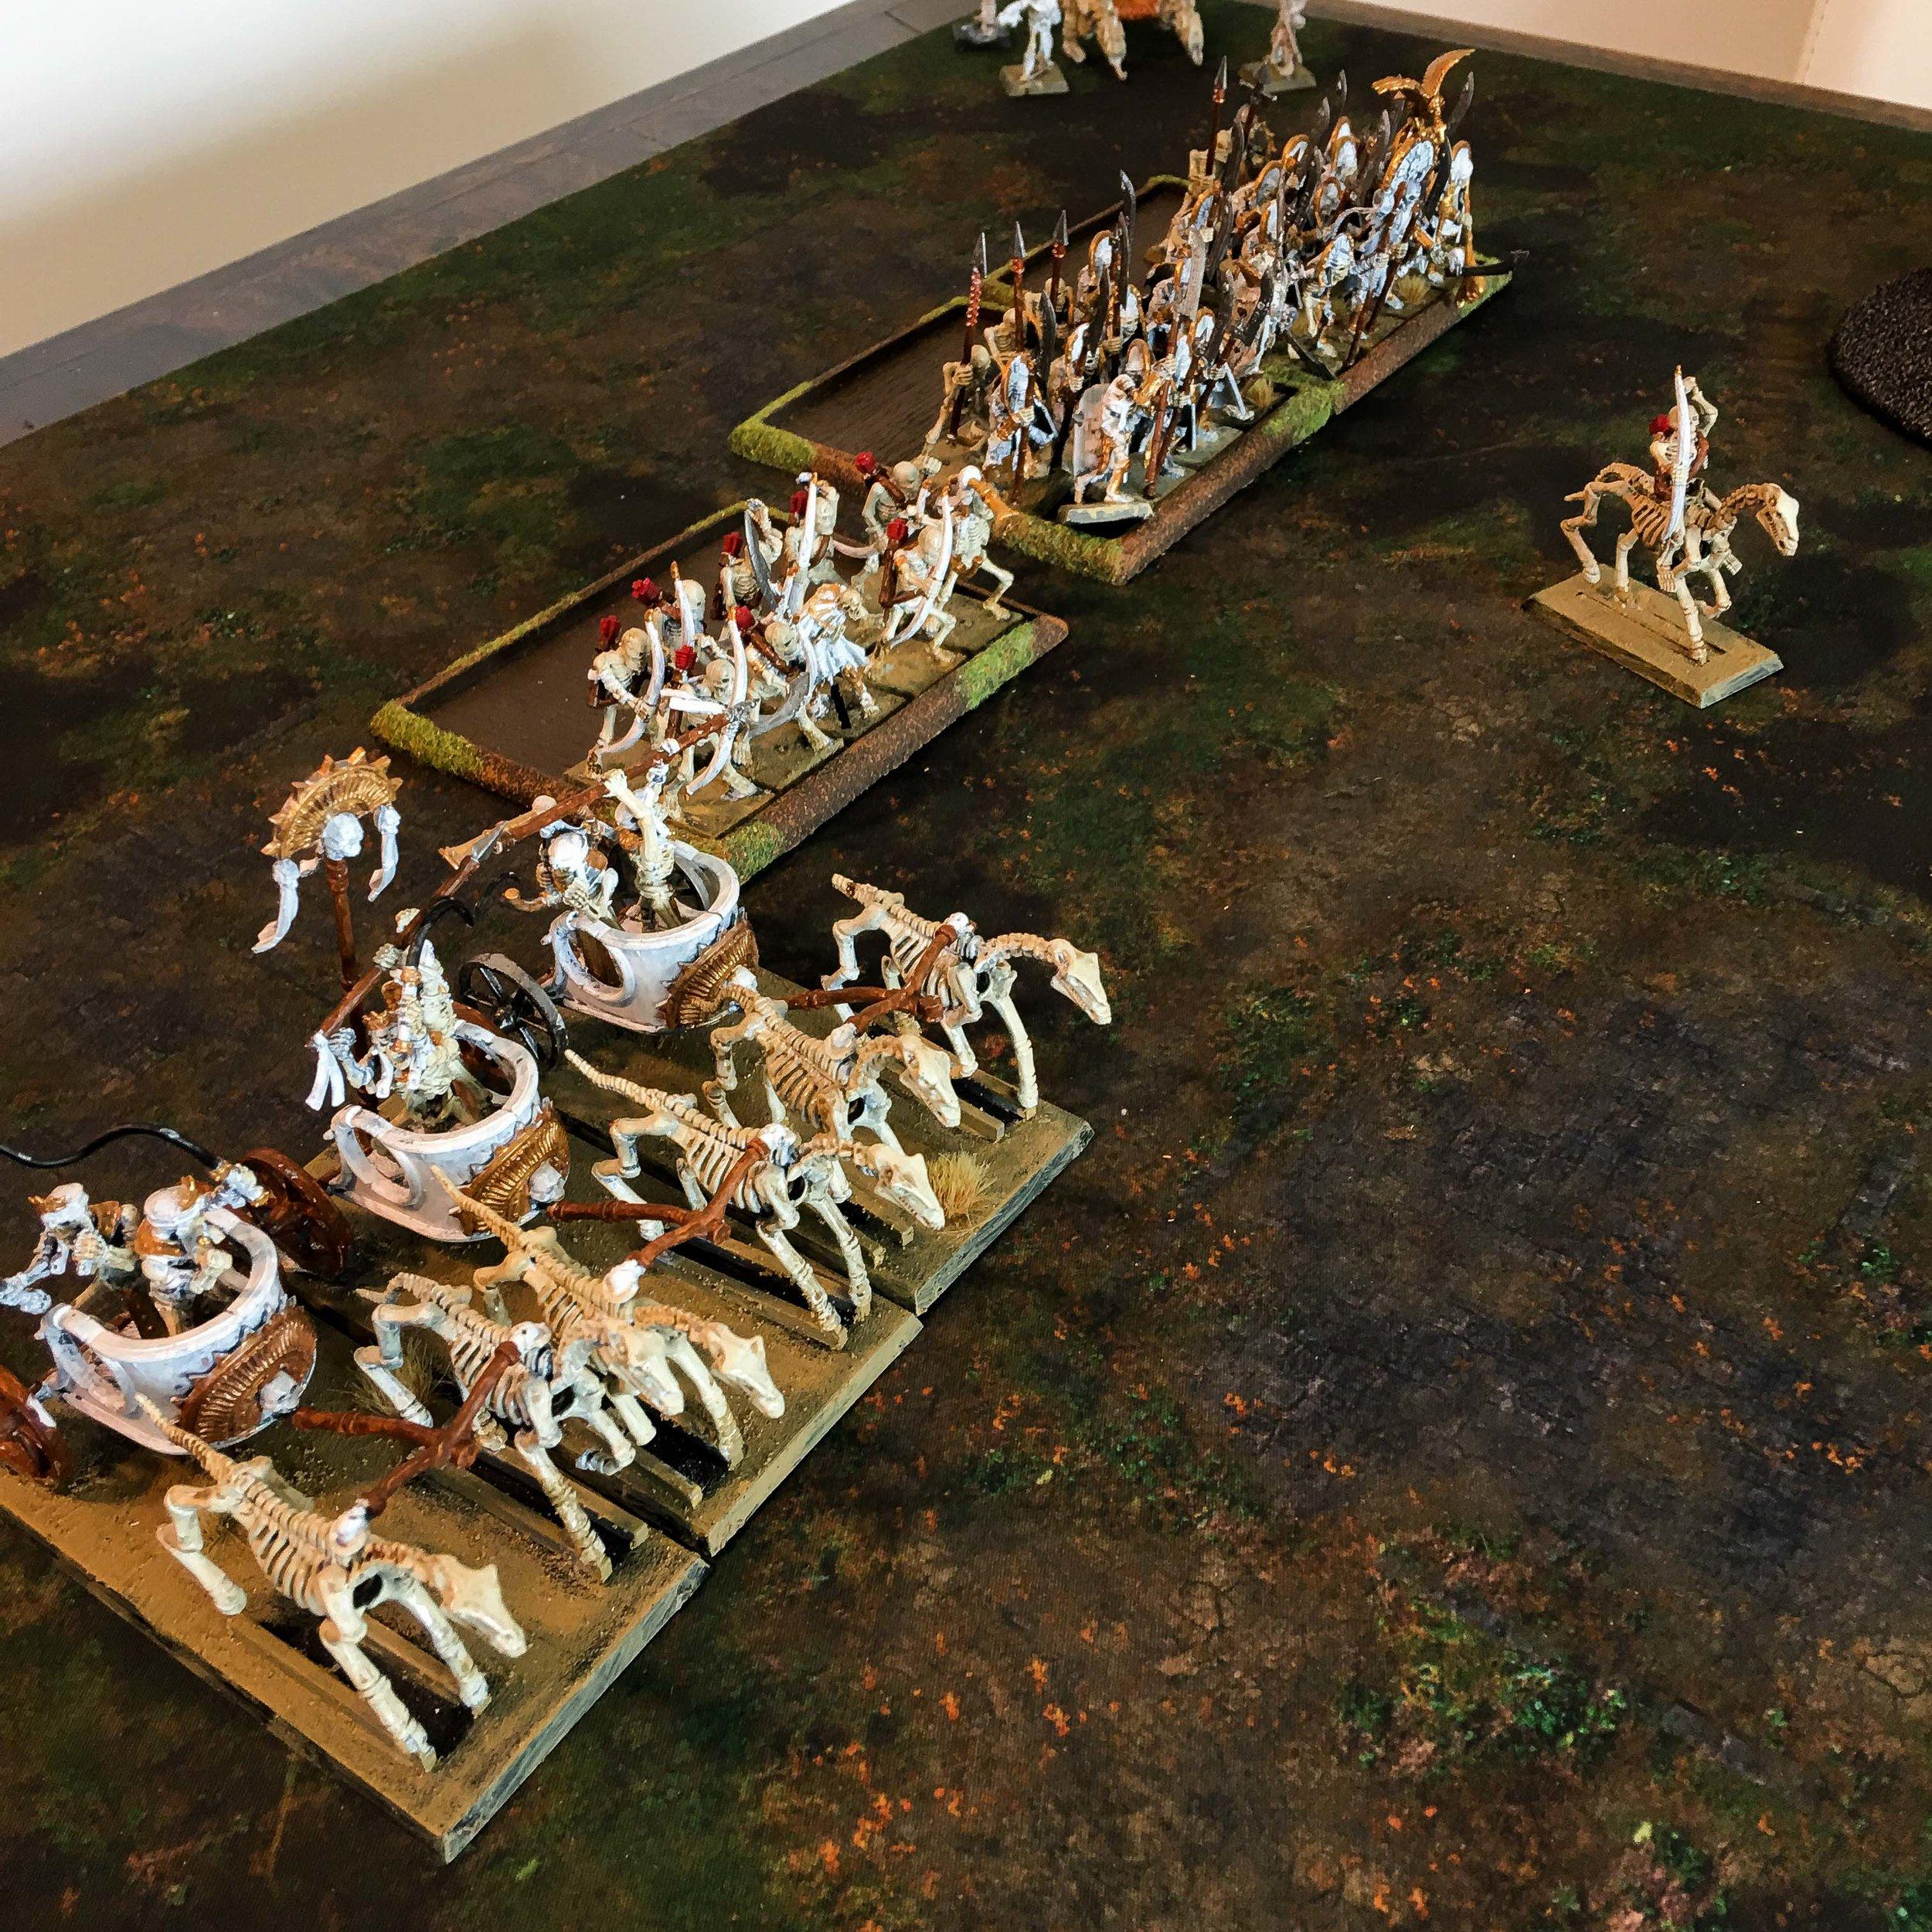 dwarf-tomb-kings-turn1-movement